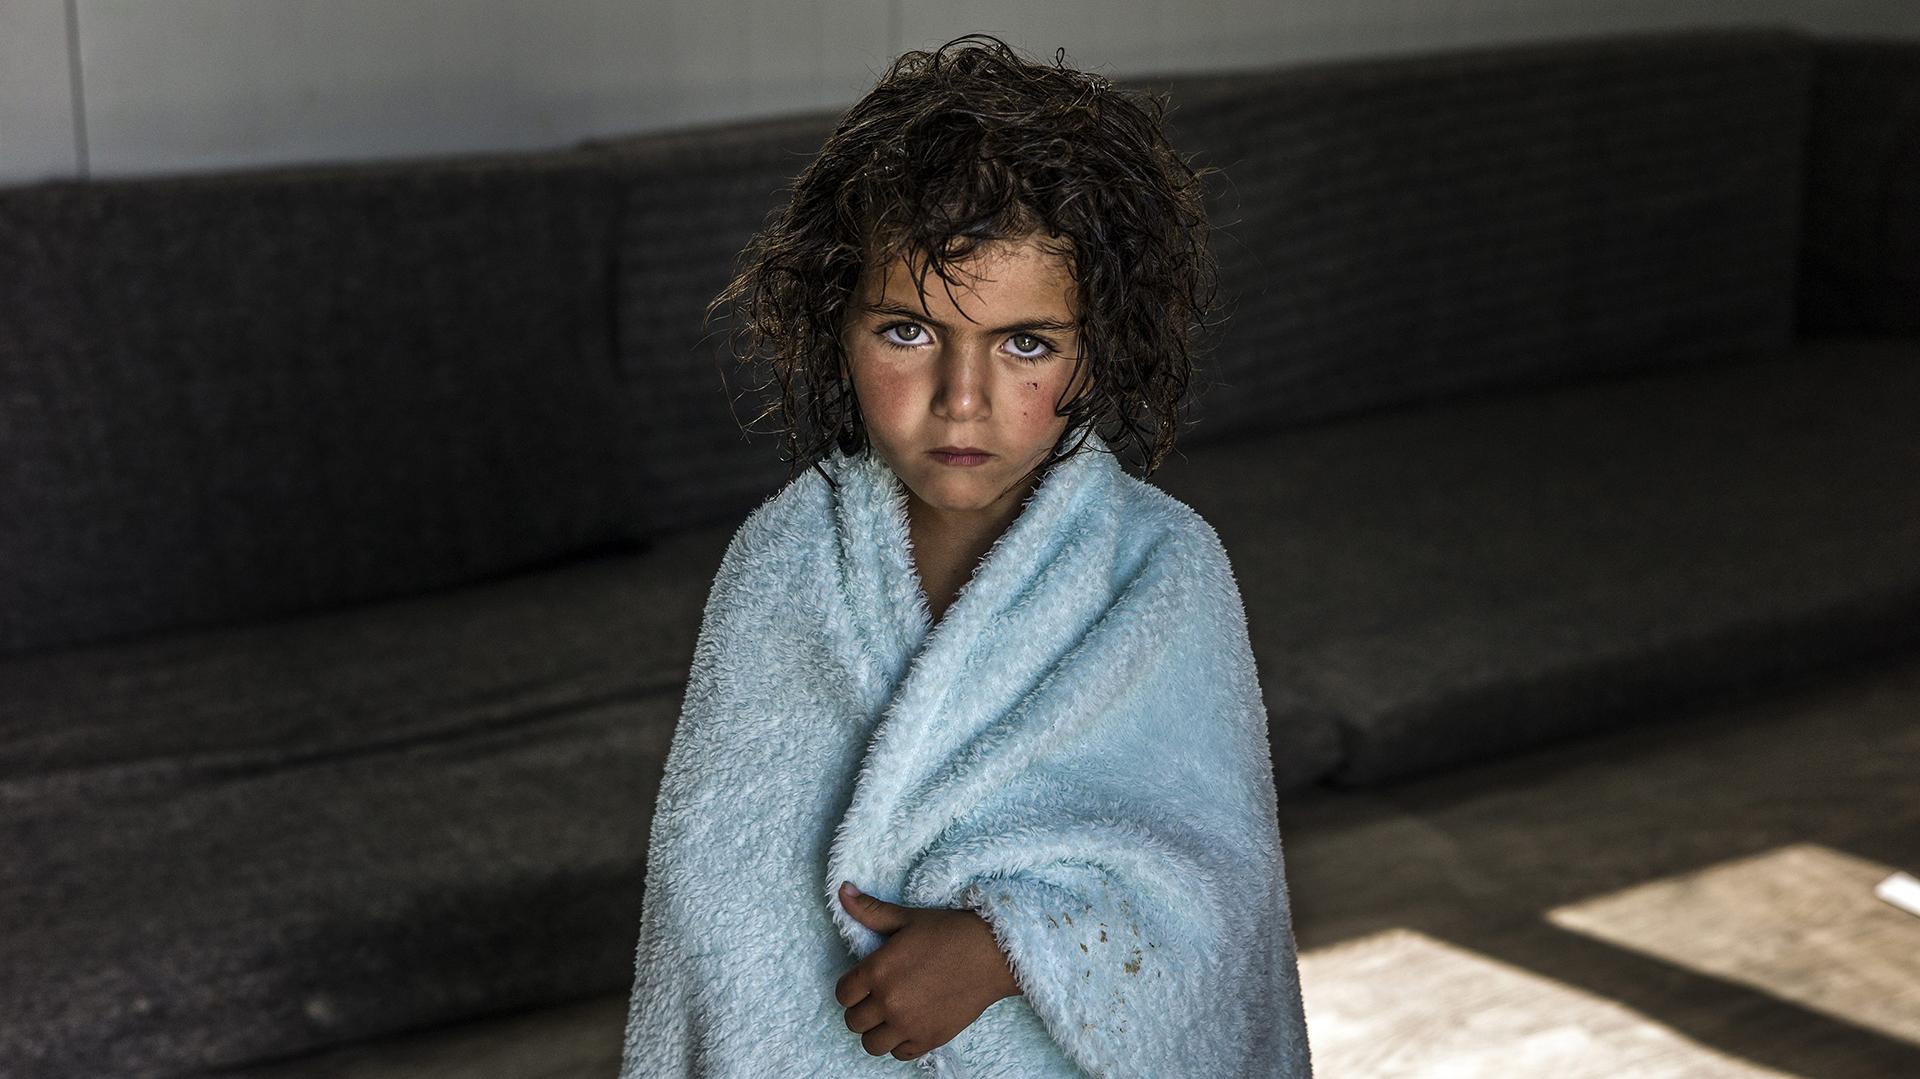 Un niños refugiado sirio, en el campamento jordano de Zaatari / (UNHCR)